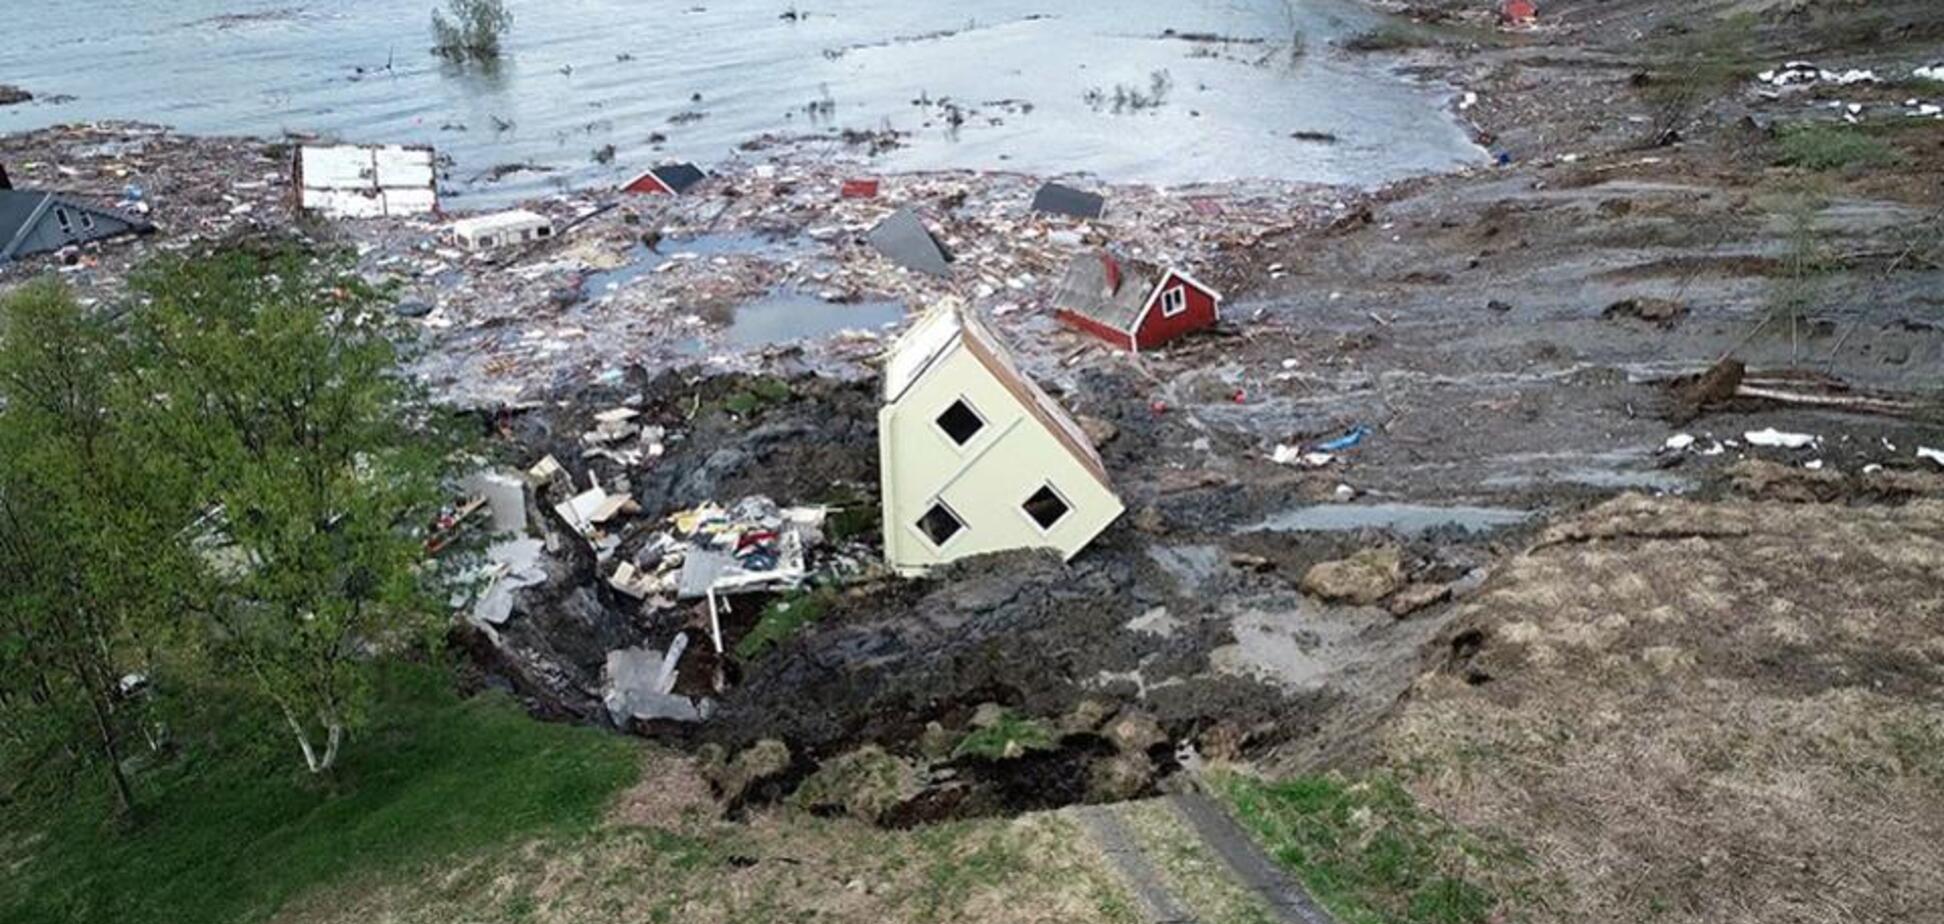 У Норвегії гігантський зсув змив у море частину міста. Вражаюче відео